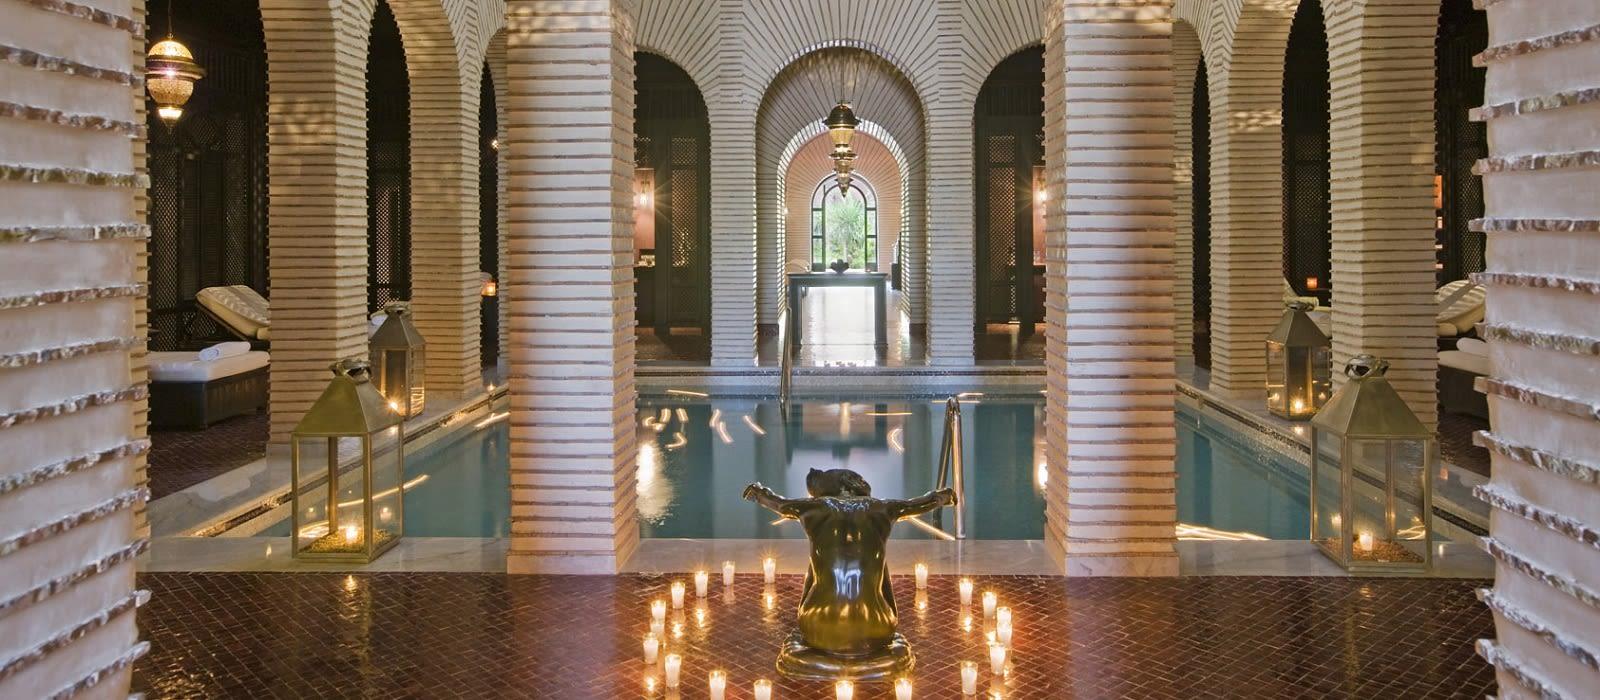 Hotel Selman Marrakech Morocco